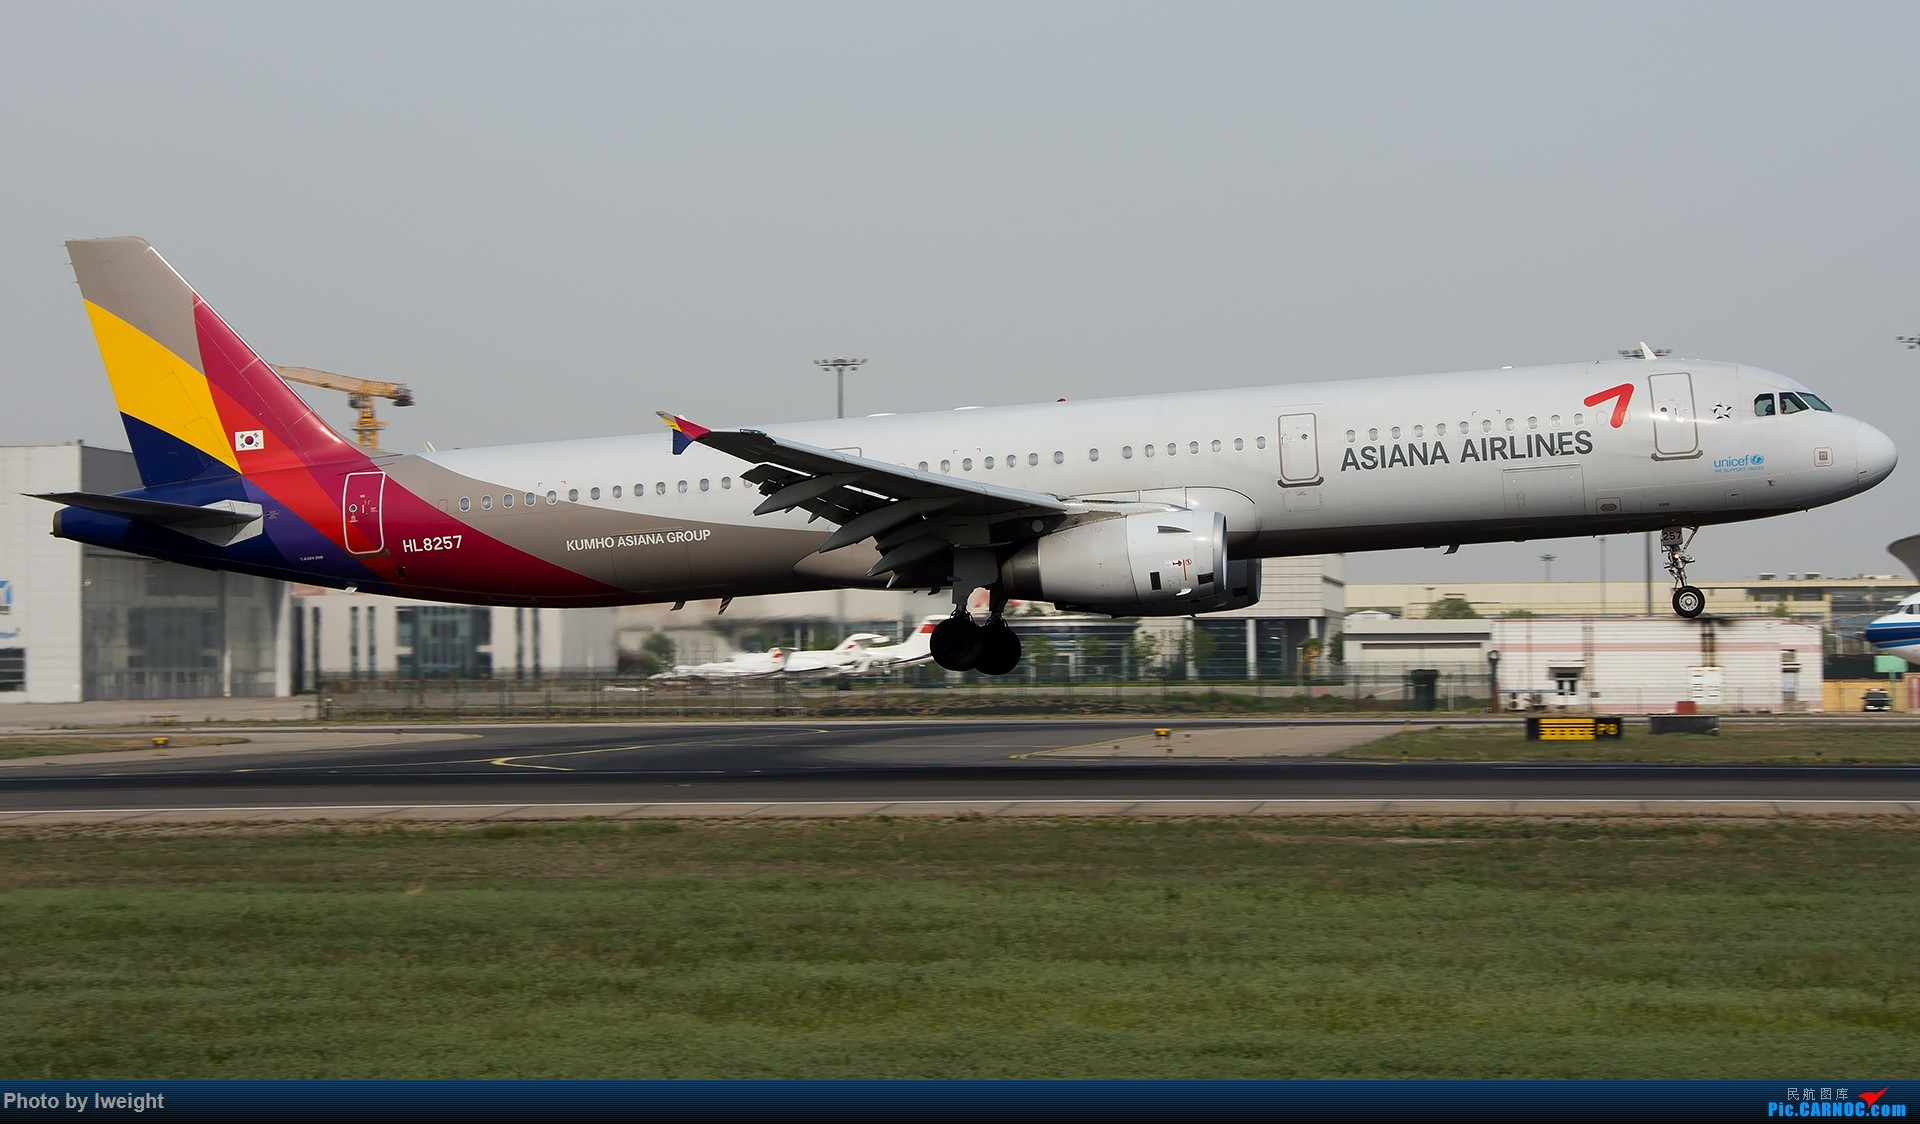 Re:[原创]天气晴朗,继续守候18R【多图】 AIRBUS A321-200 HL8257 中国北京首都国际机场